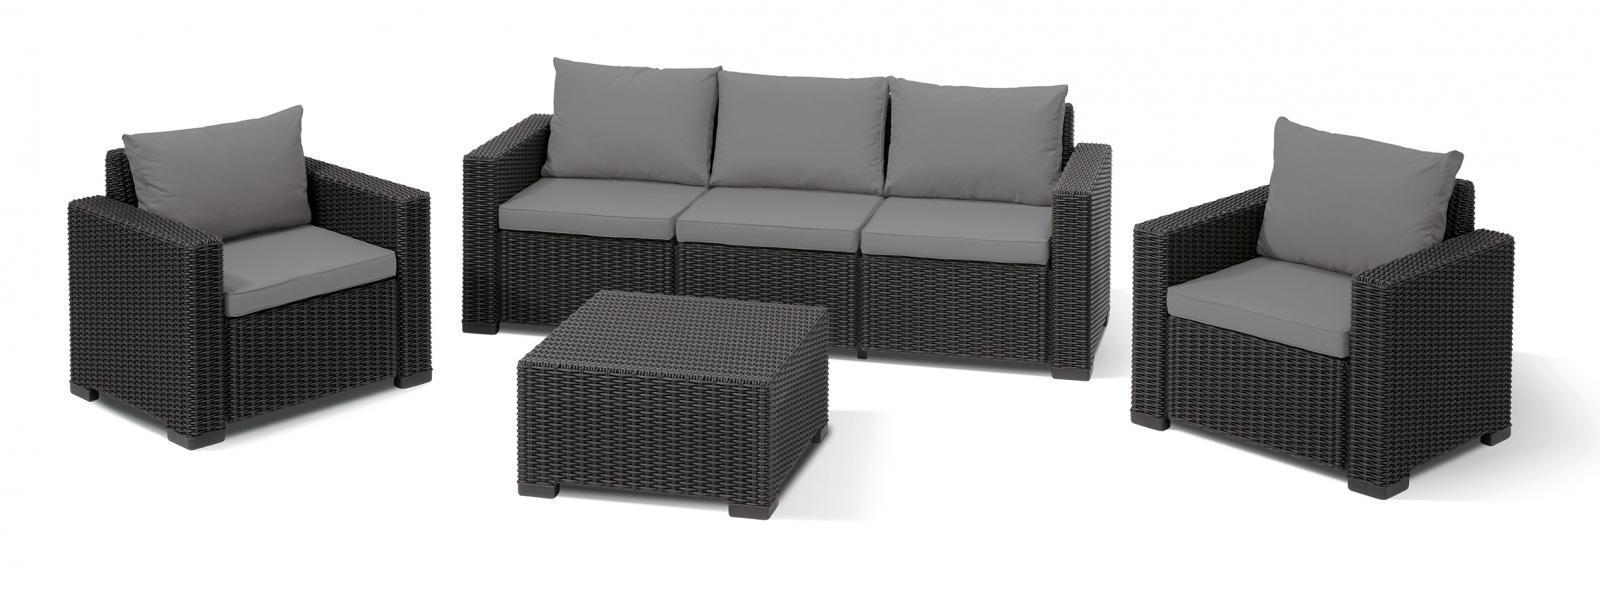 Комплект пластиковой мебели California 3 seater set